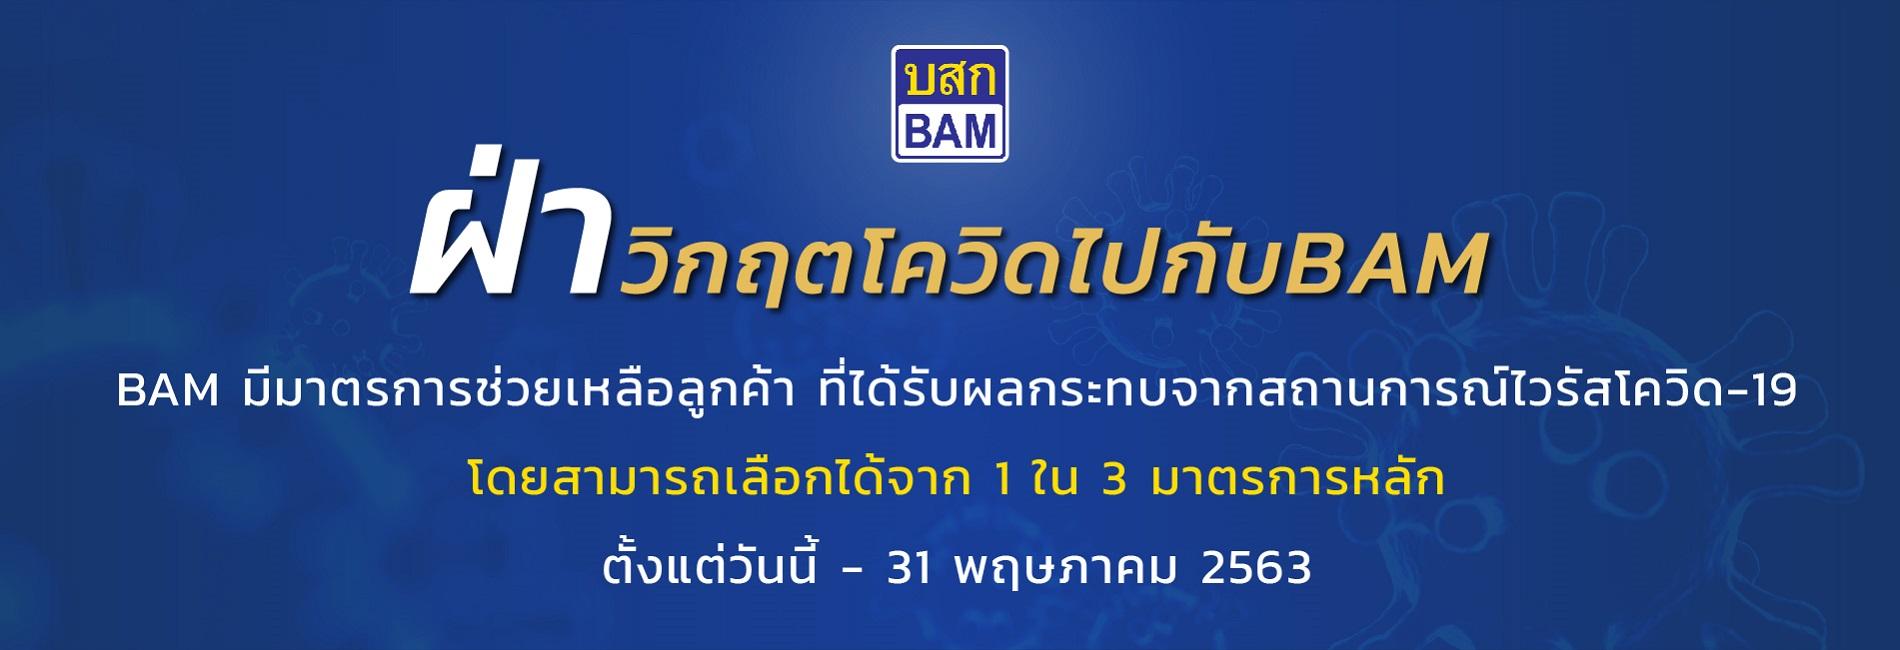 ฝ่าวิกฤตโควิดกับBAM